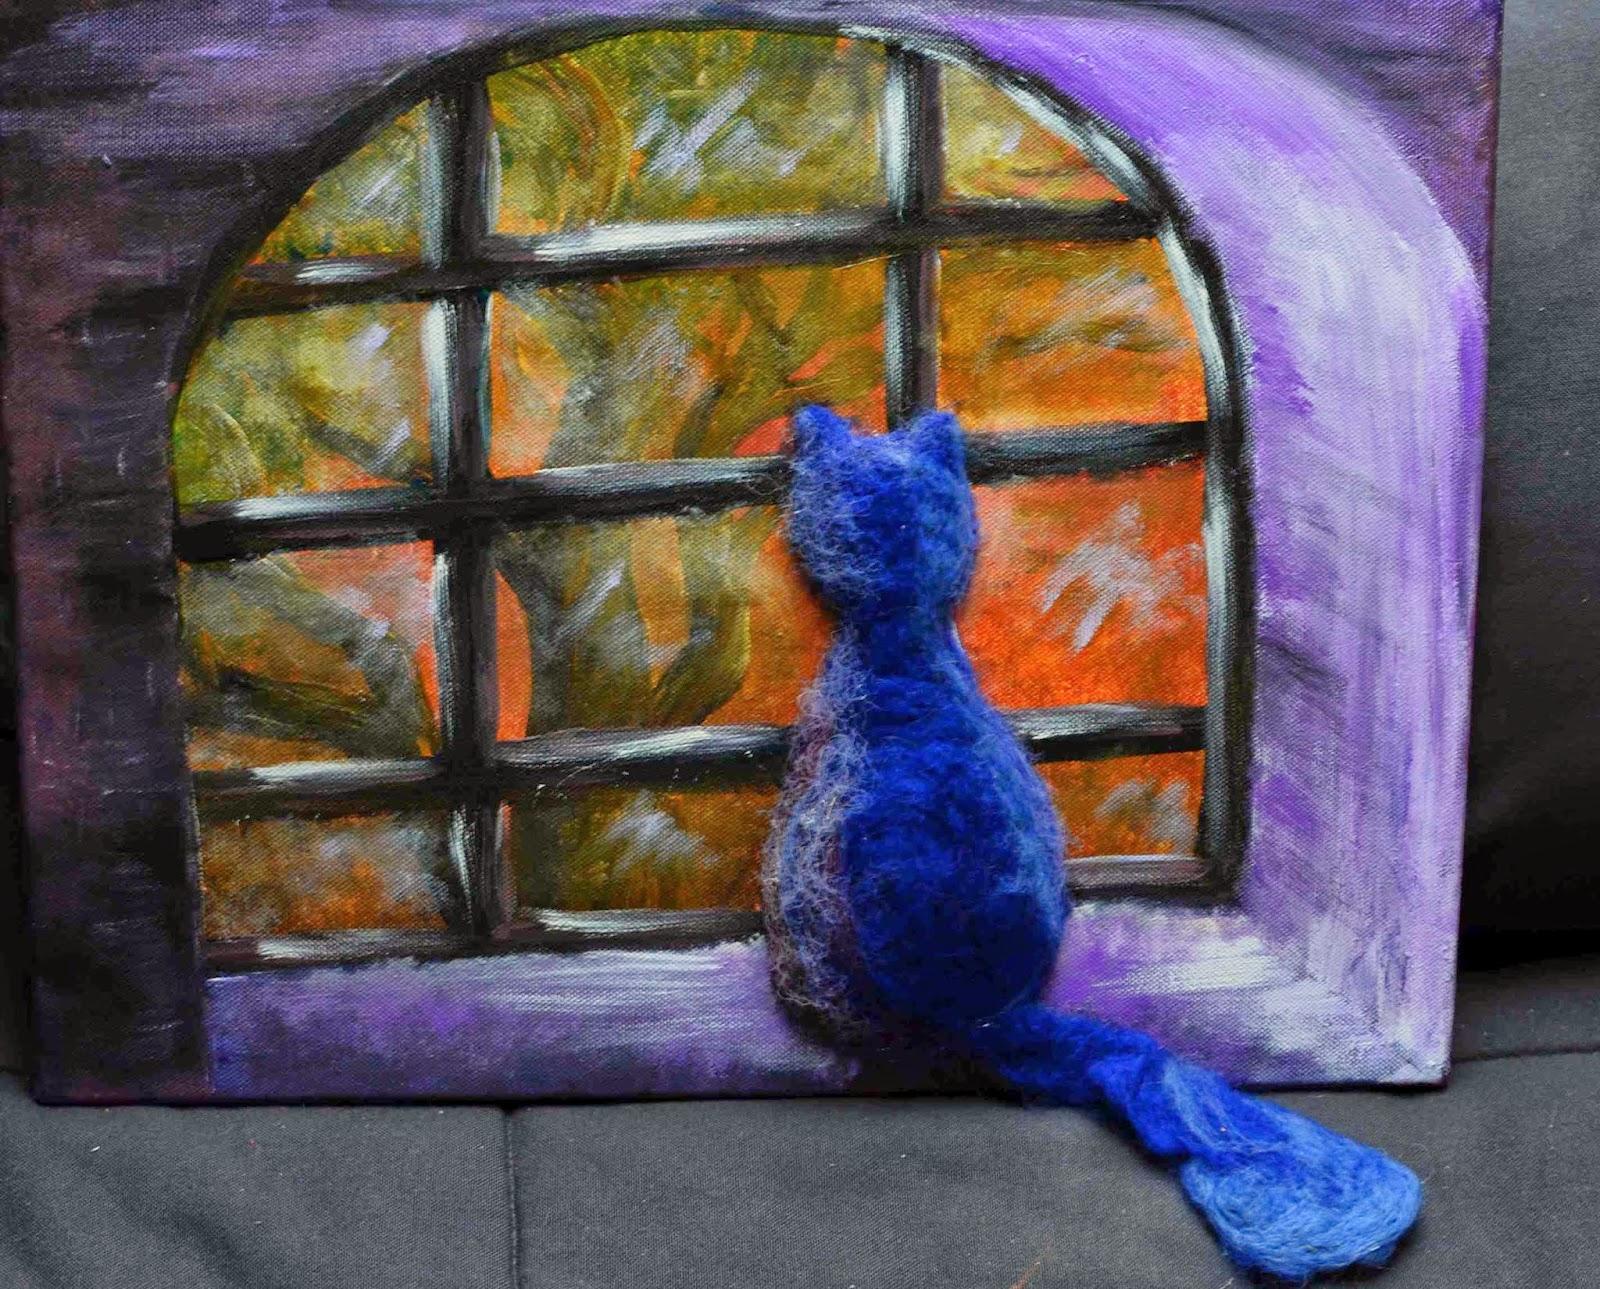 kot patrzący przez okno